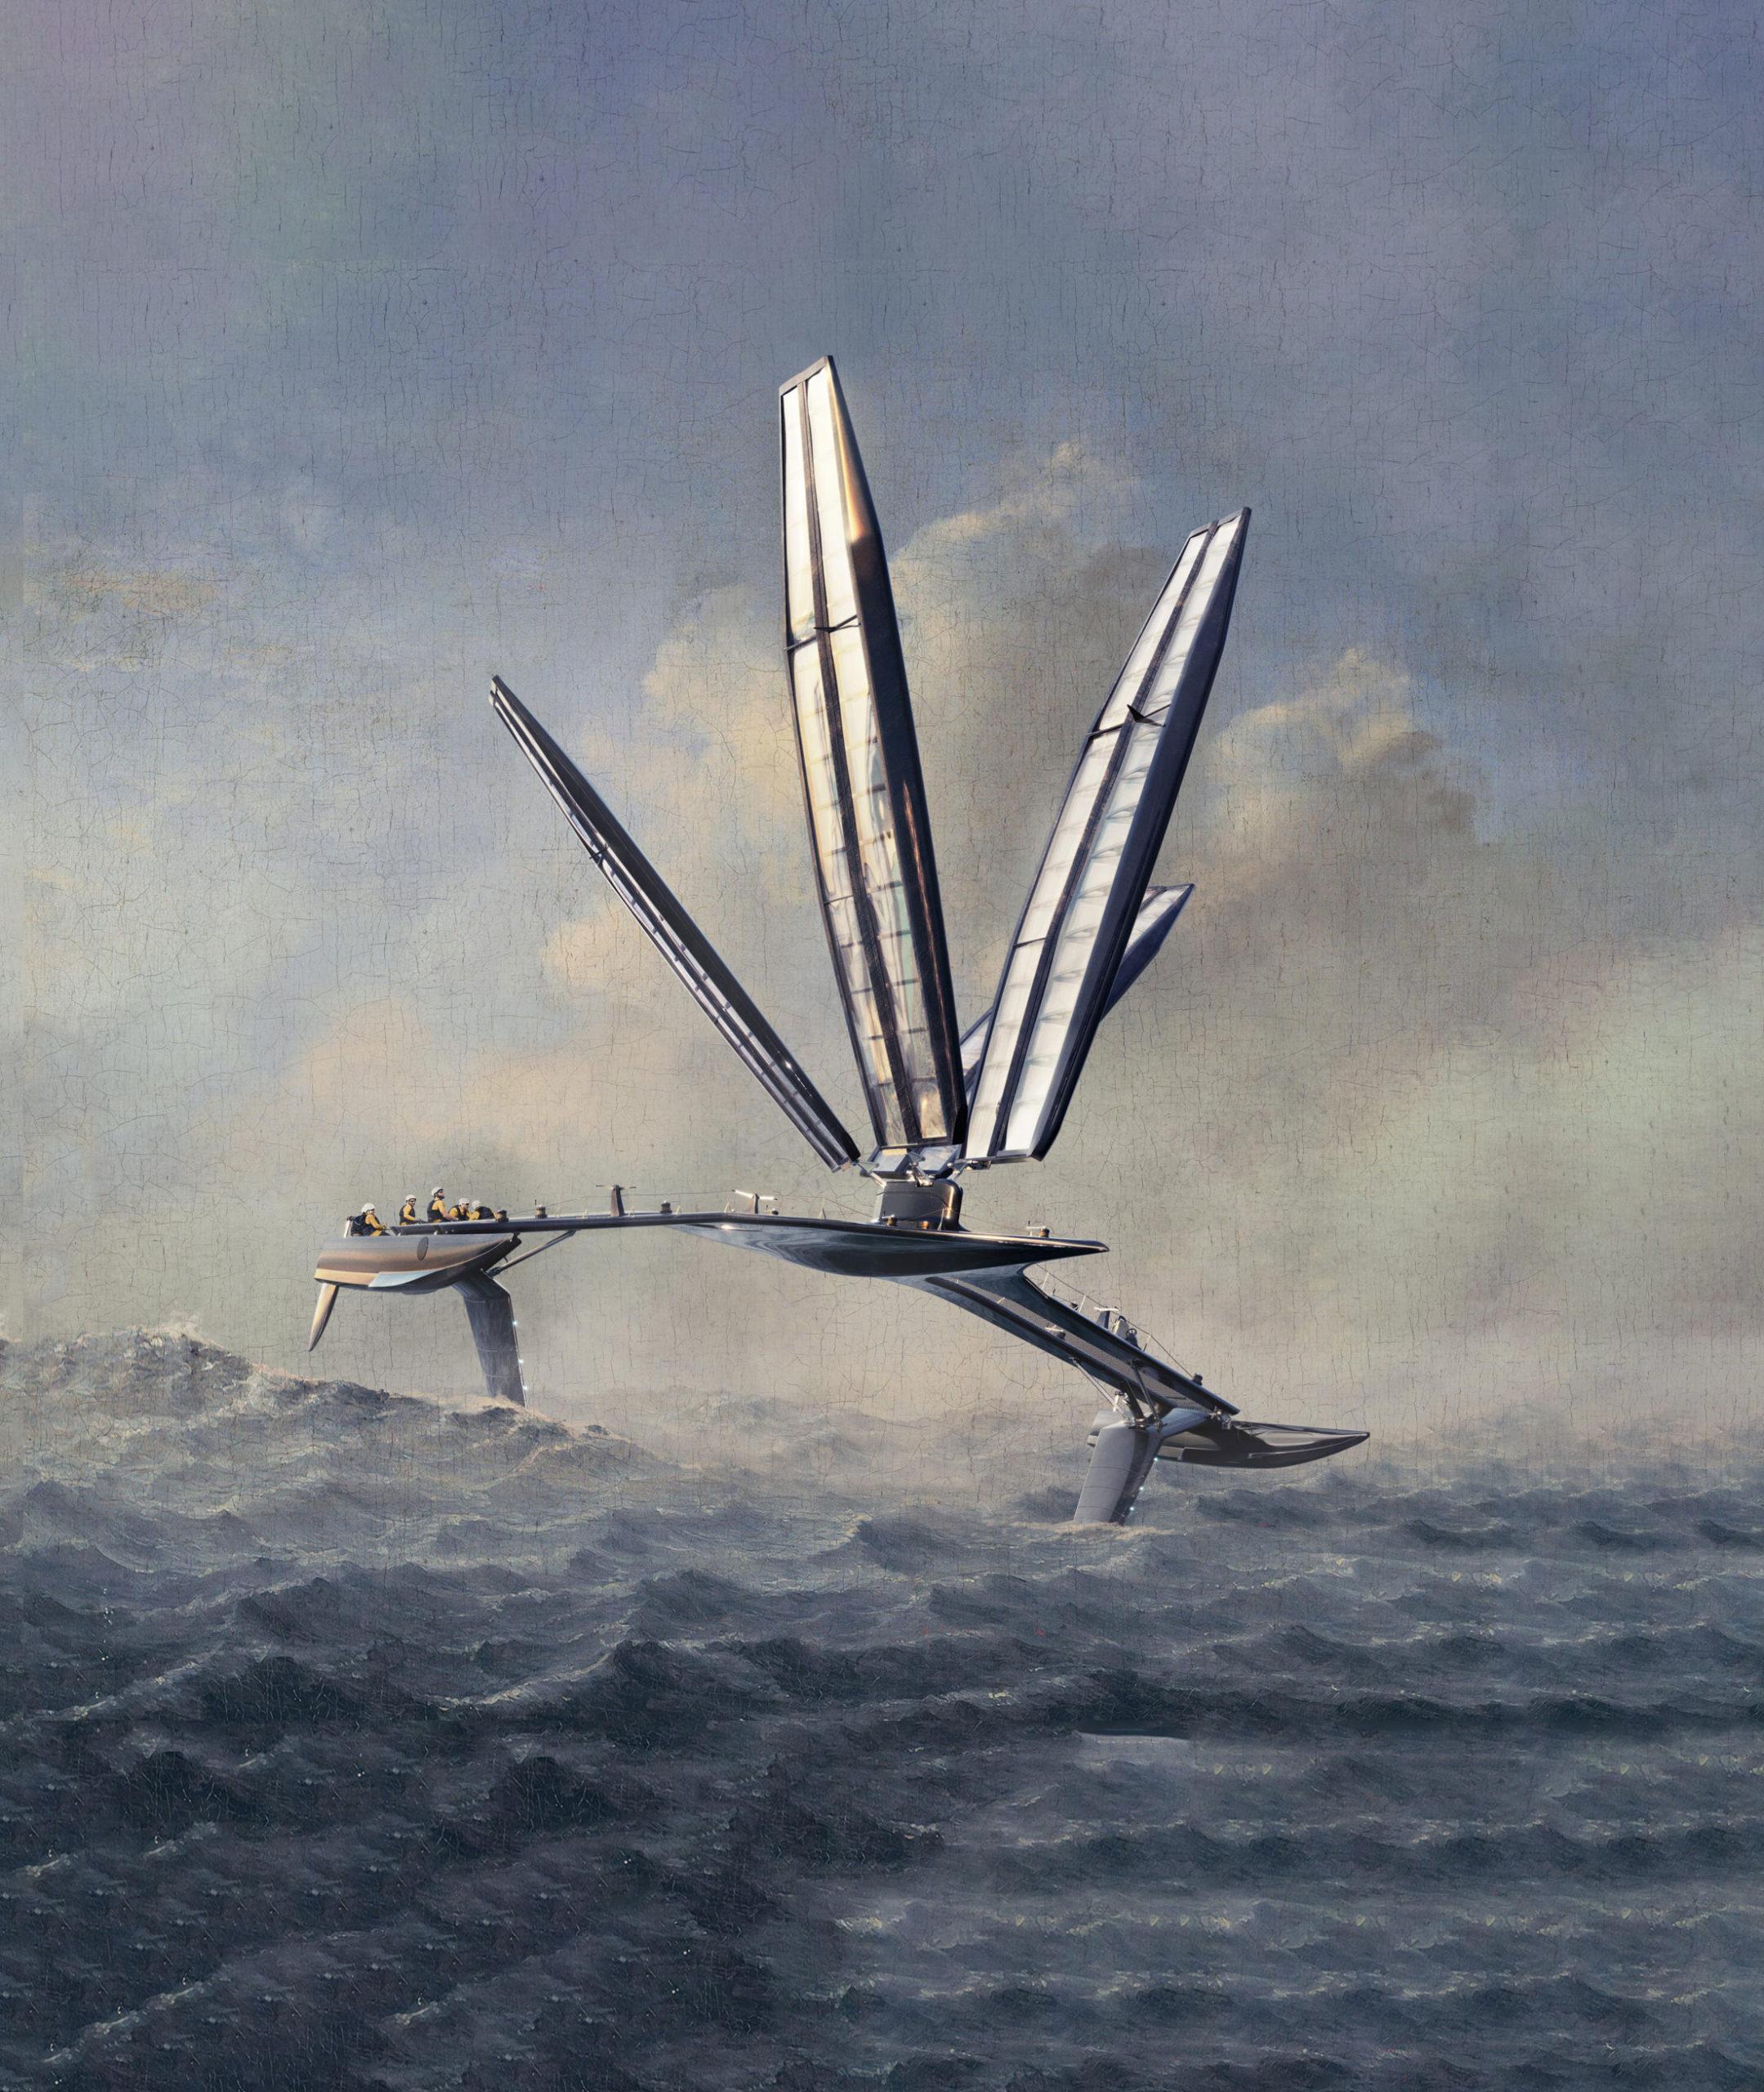 Watchout - JMV - Richelieu